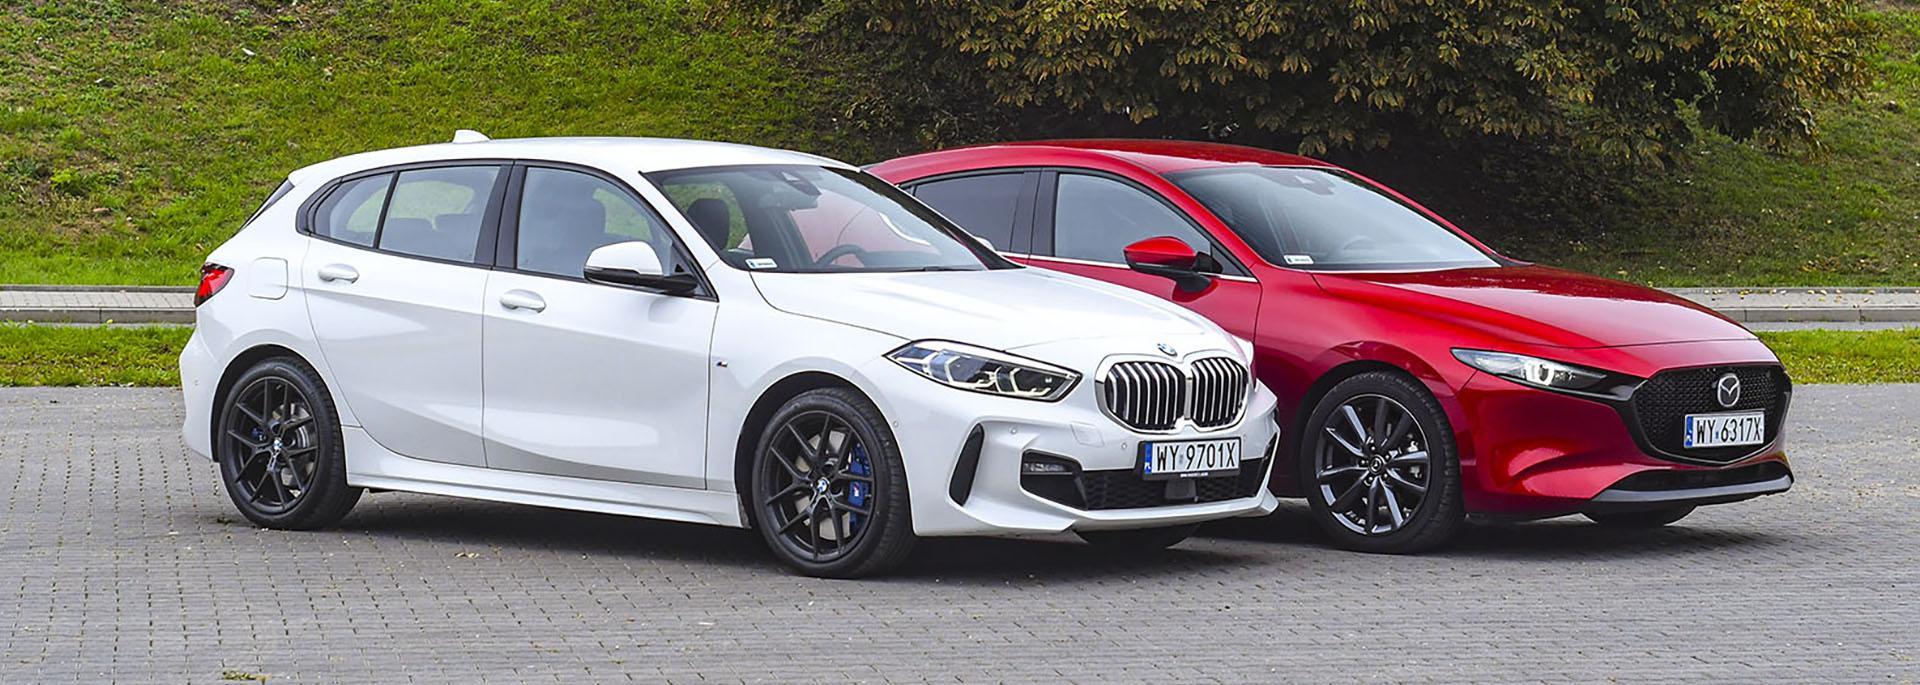 BMW 118i, Mazda 3